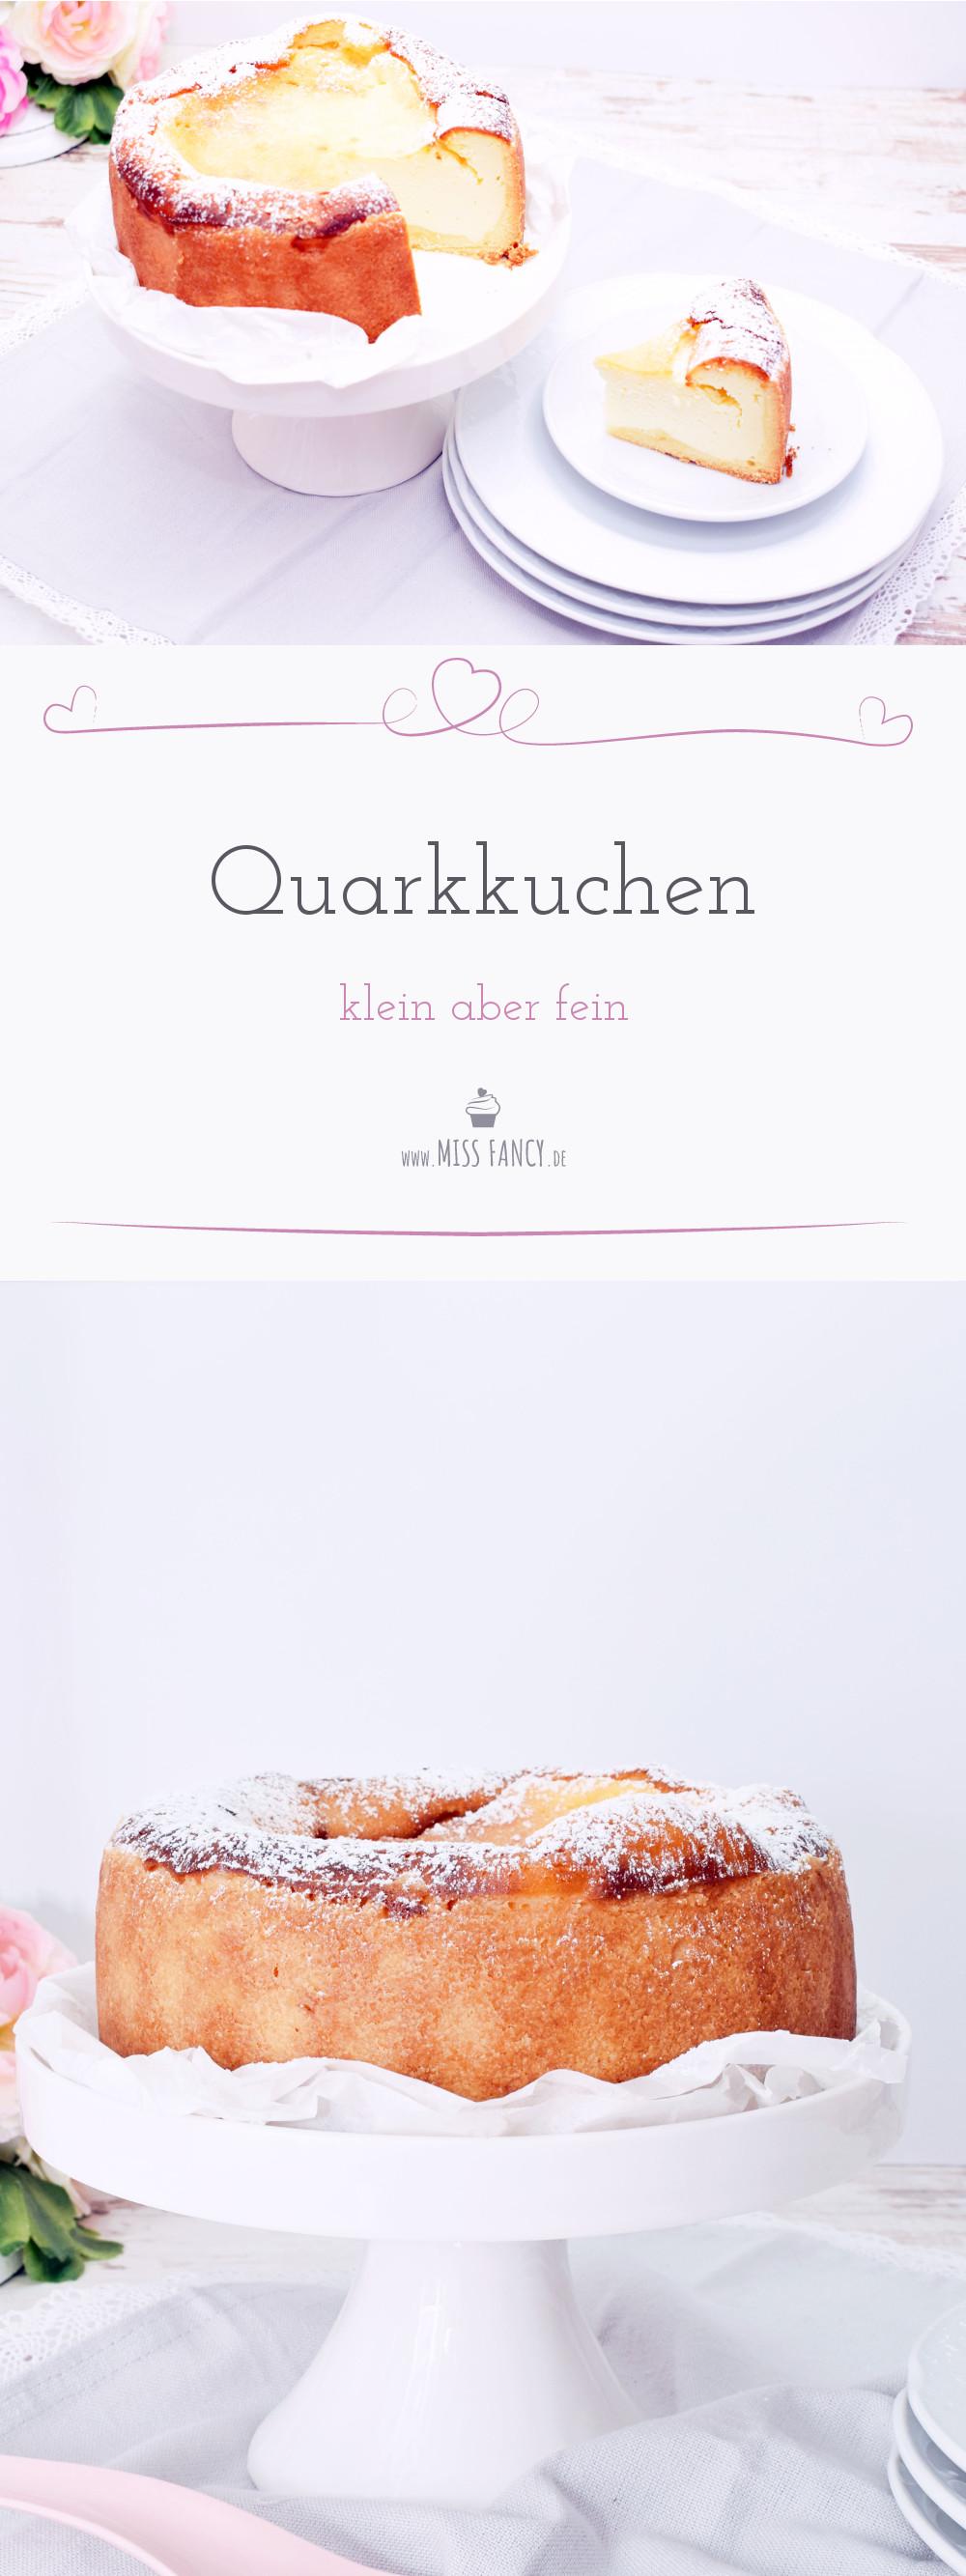 Rezept Quakkuchen-Käsekuchen-Mürbeteig